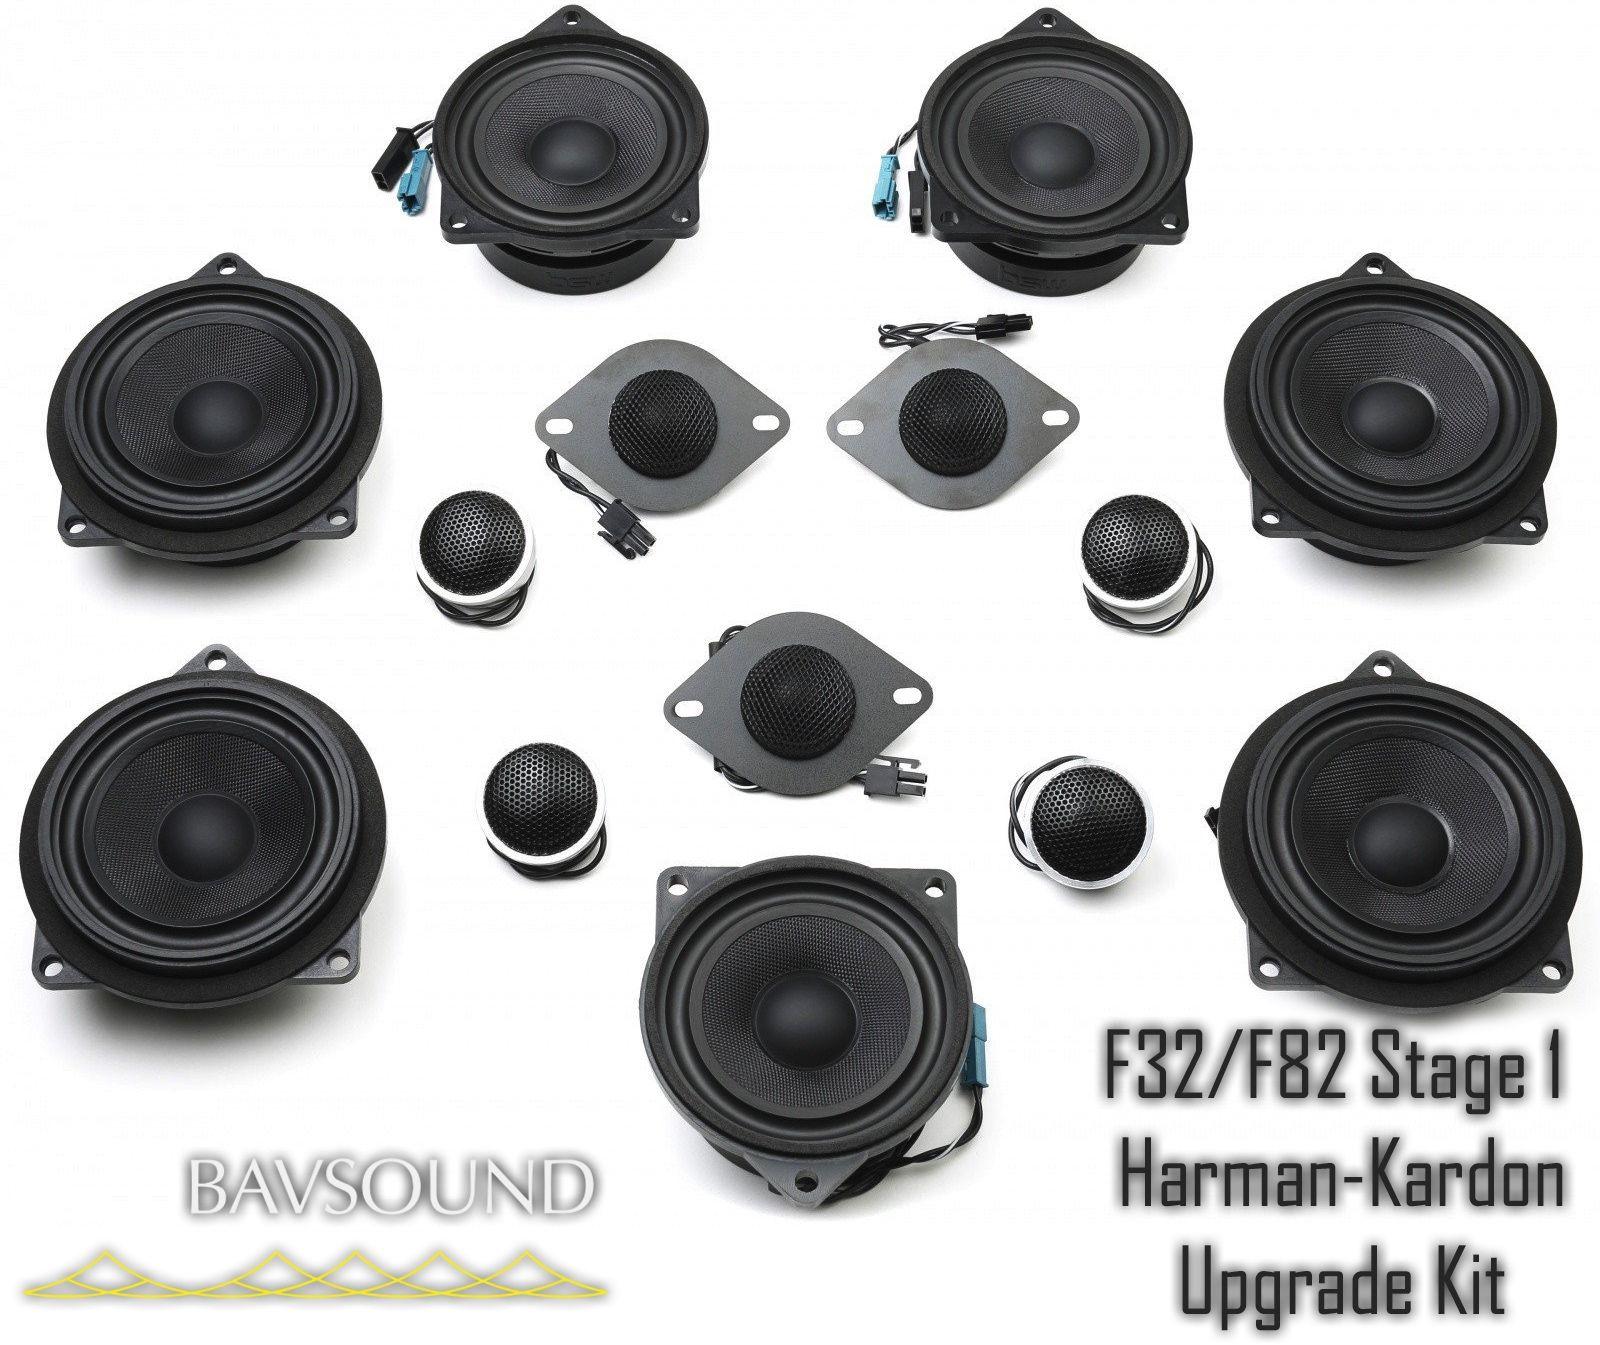 stage one bmw speaker upgrade for f32 f82 with harman kardon. Black Bedroom Furniture Sets. Home Design Ideas